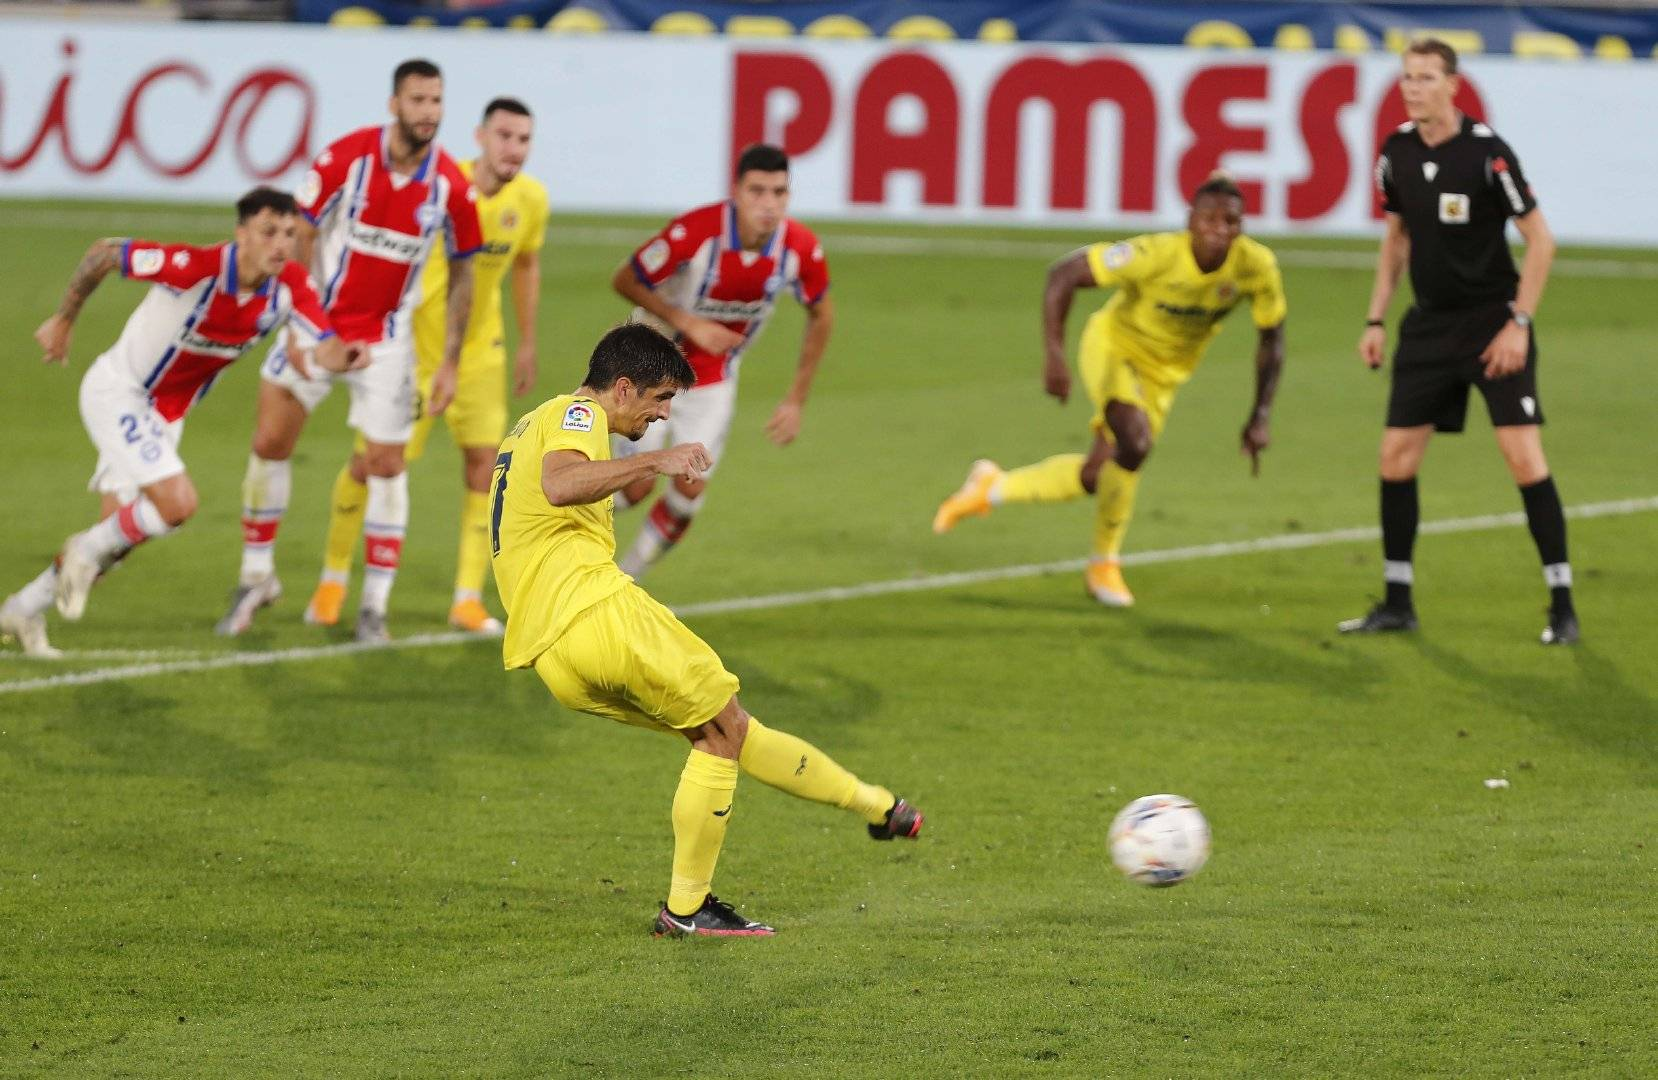 西甲第4轮比利亚雷亚尔3:1阿拉维斯,帕科本场比赛攻入两球